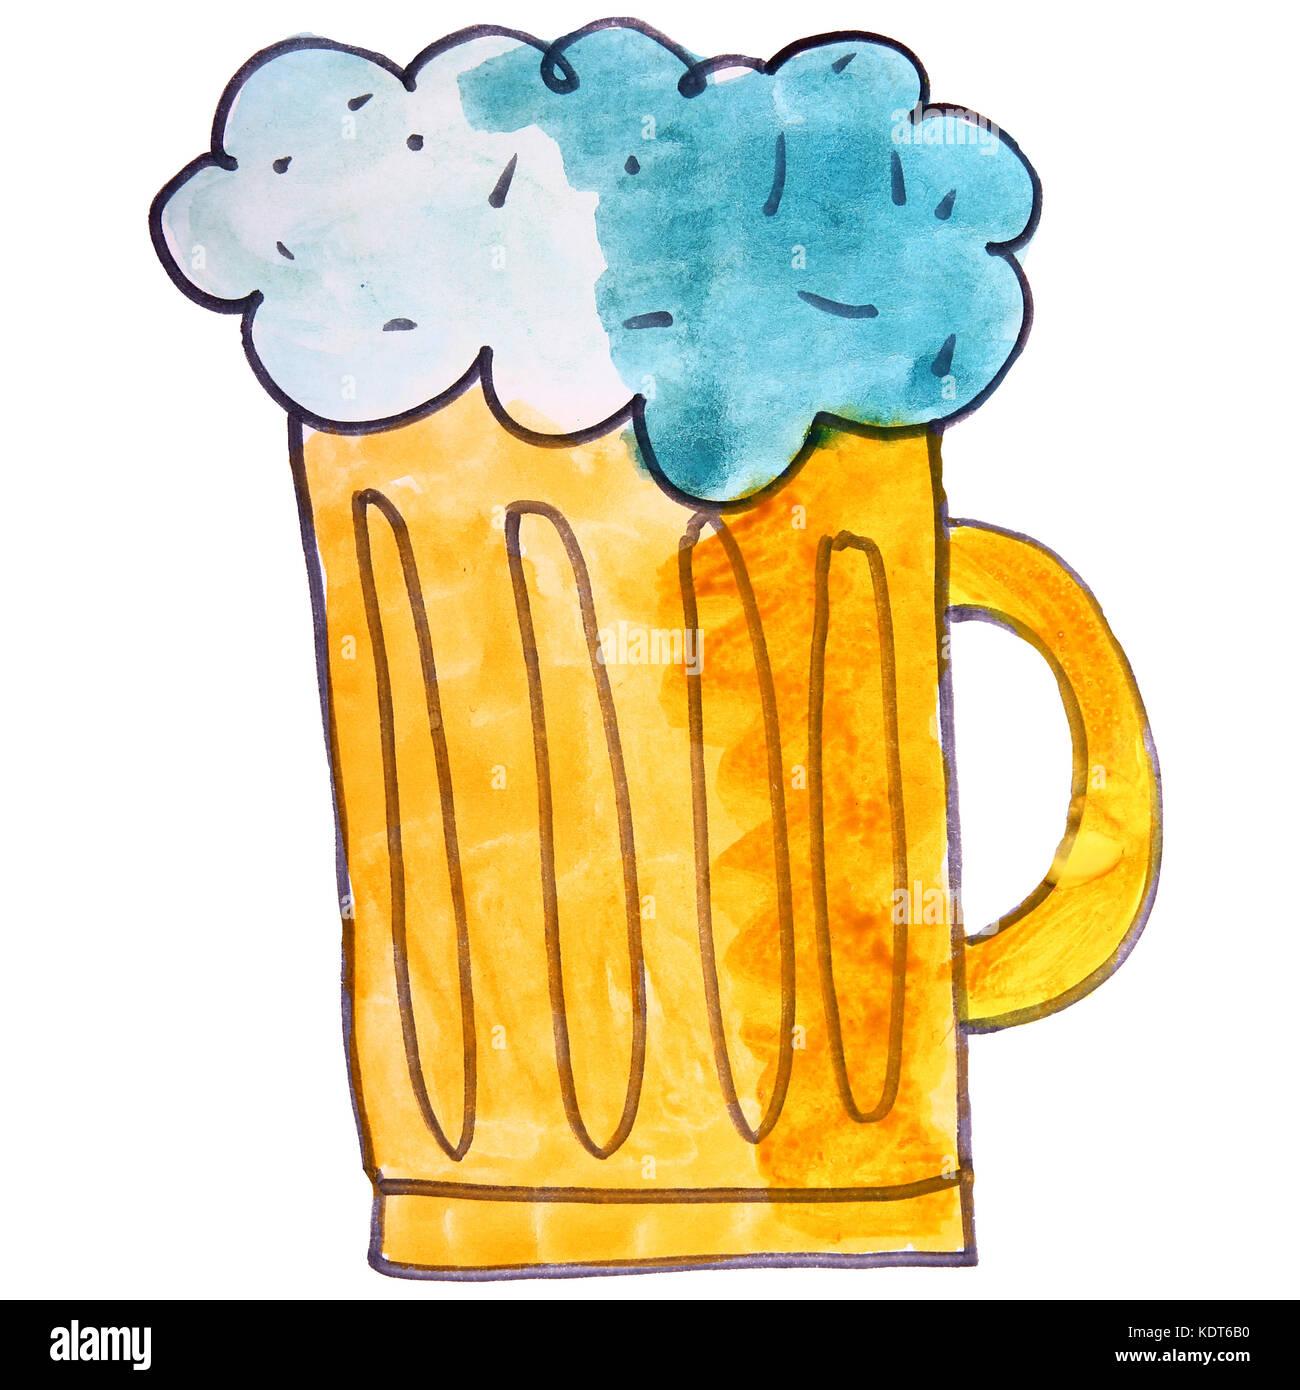 I Bambini Di Disegno Ad Acquerello Boccale Di Birra Cartoon Su Un